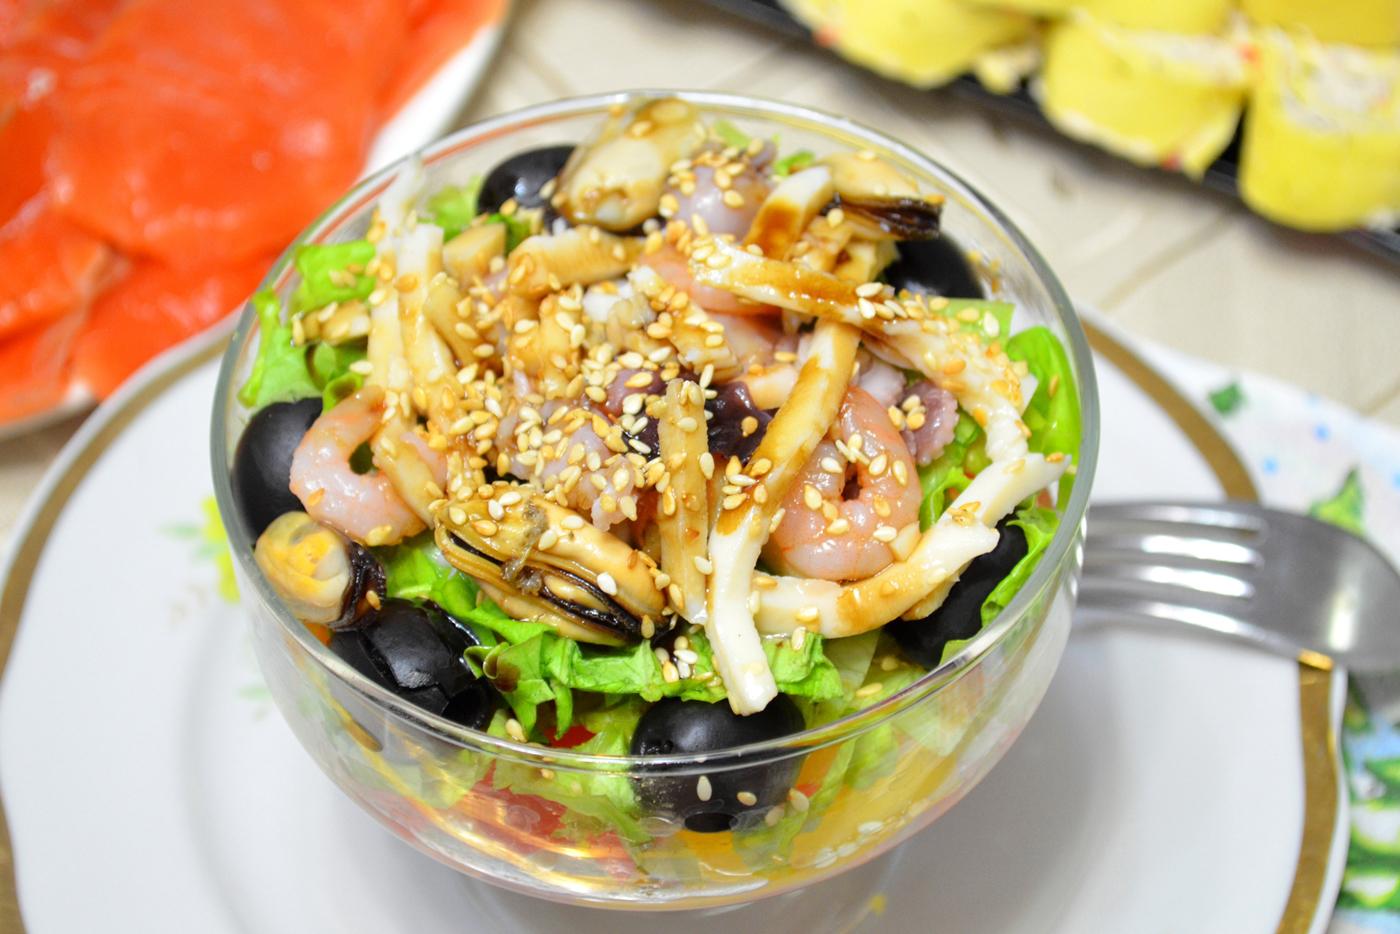 seafood recipe salad